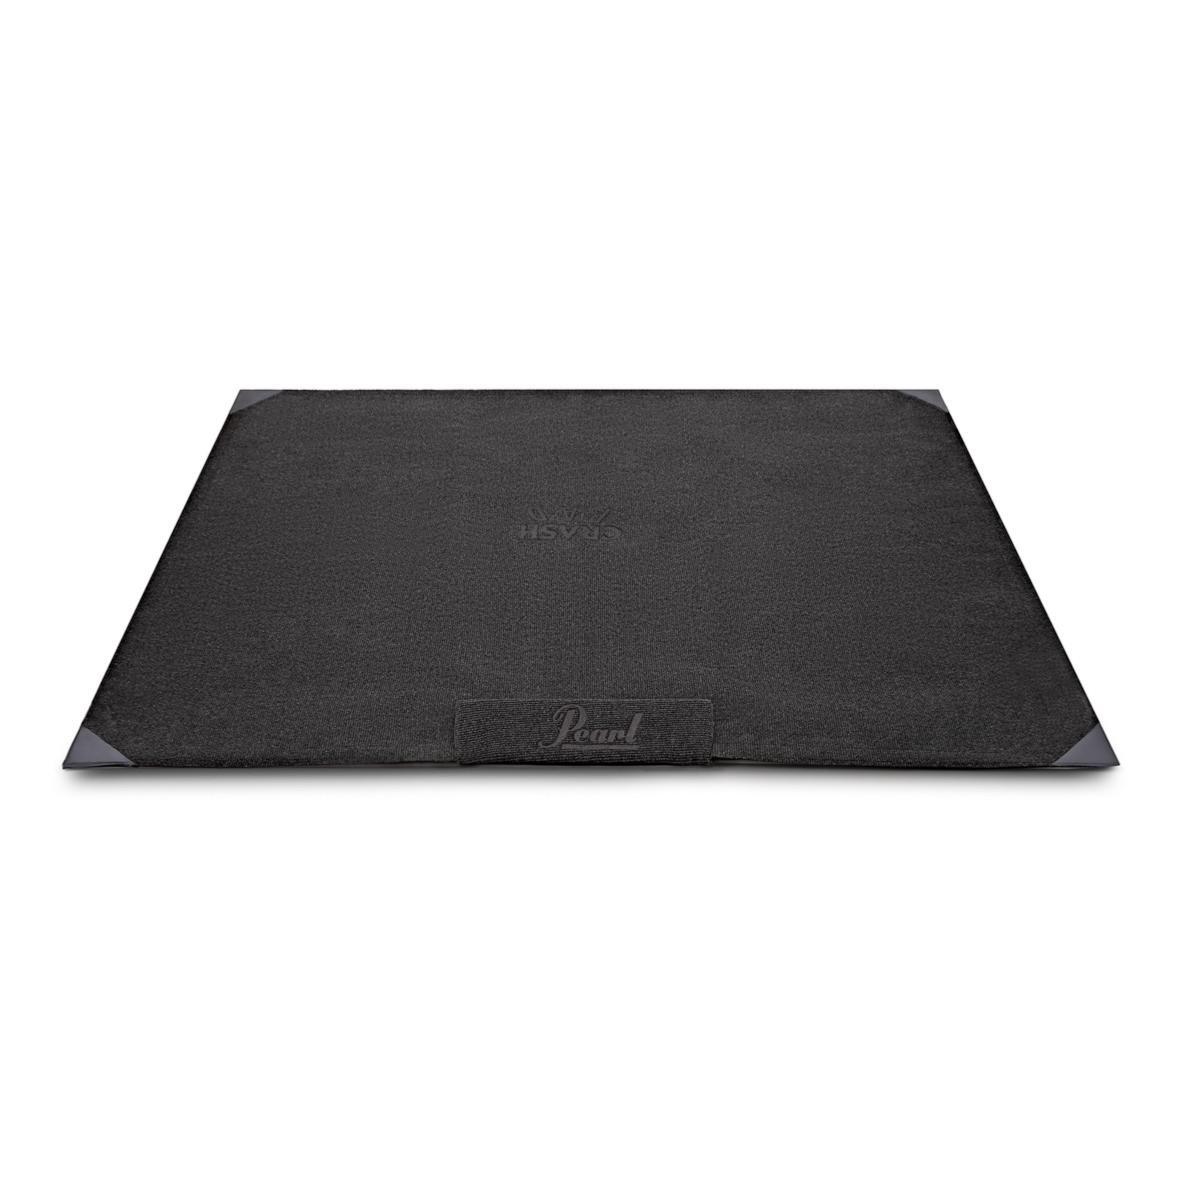 pearl pph kcp5 tapis pour batterie noir avec logo pearl